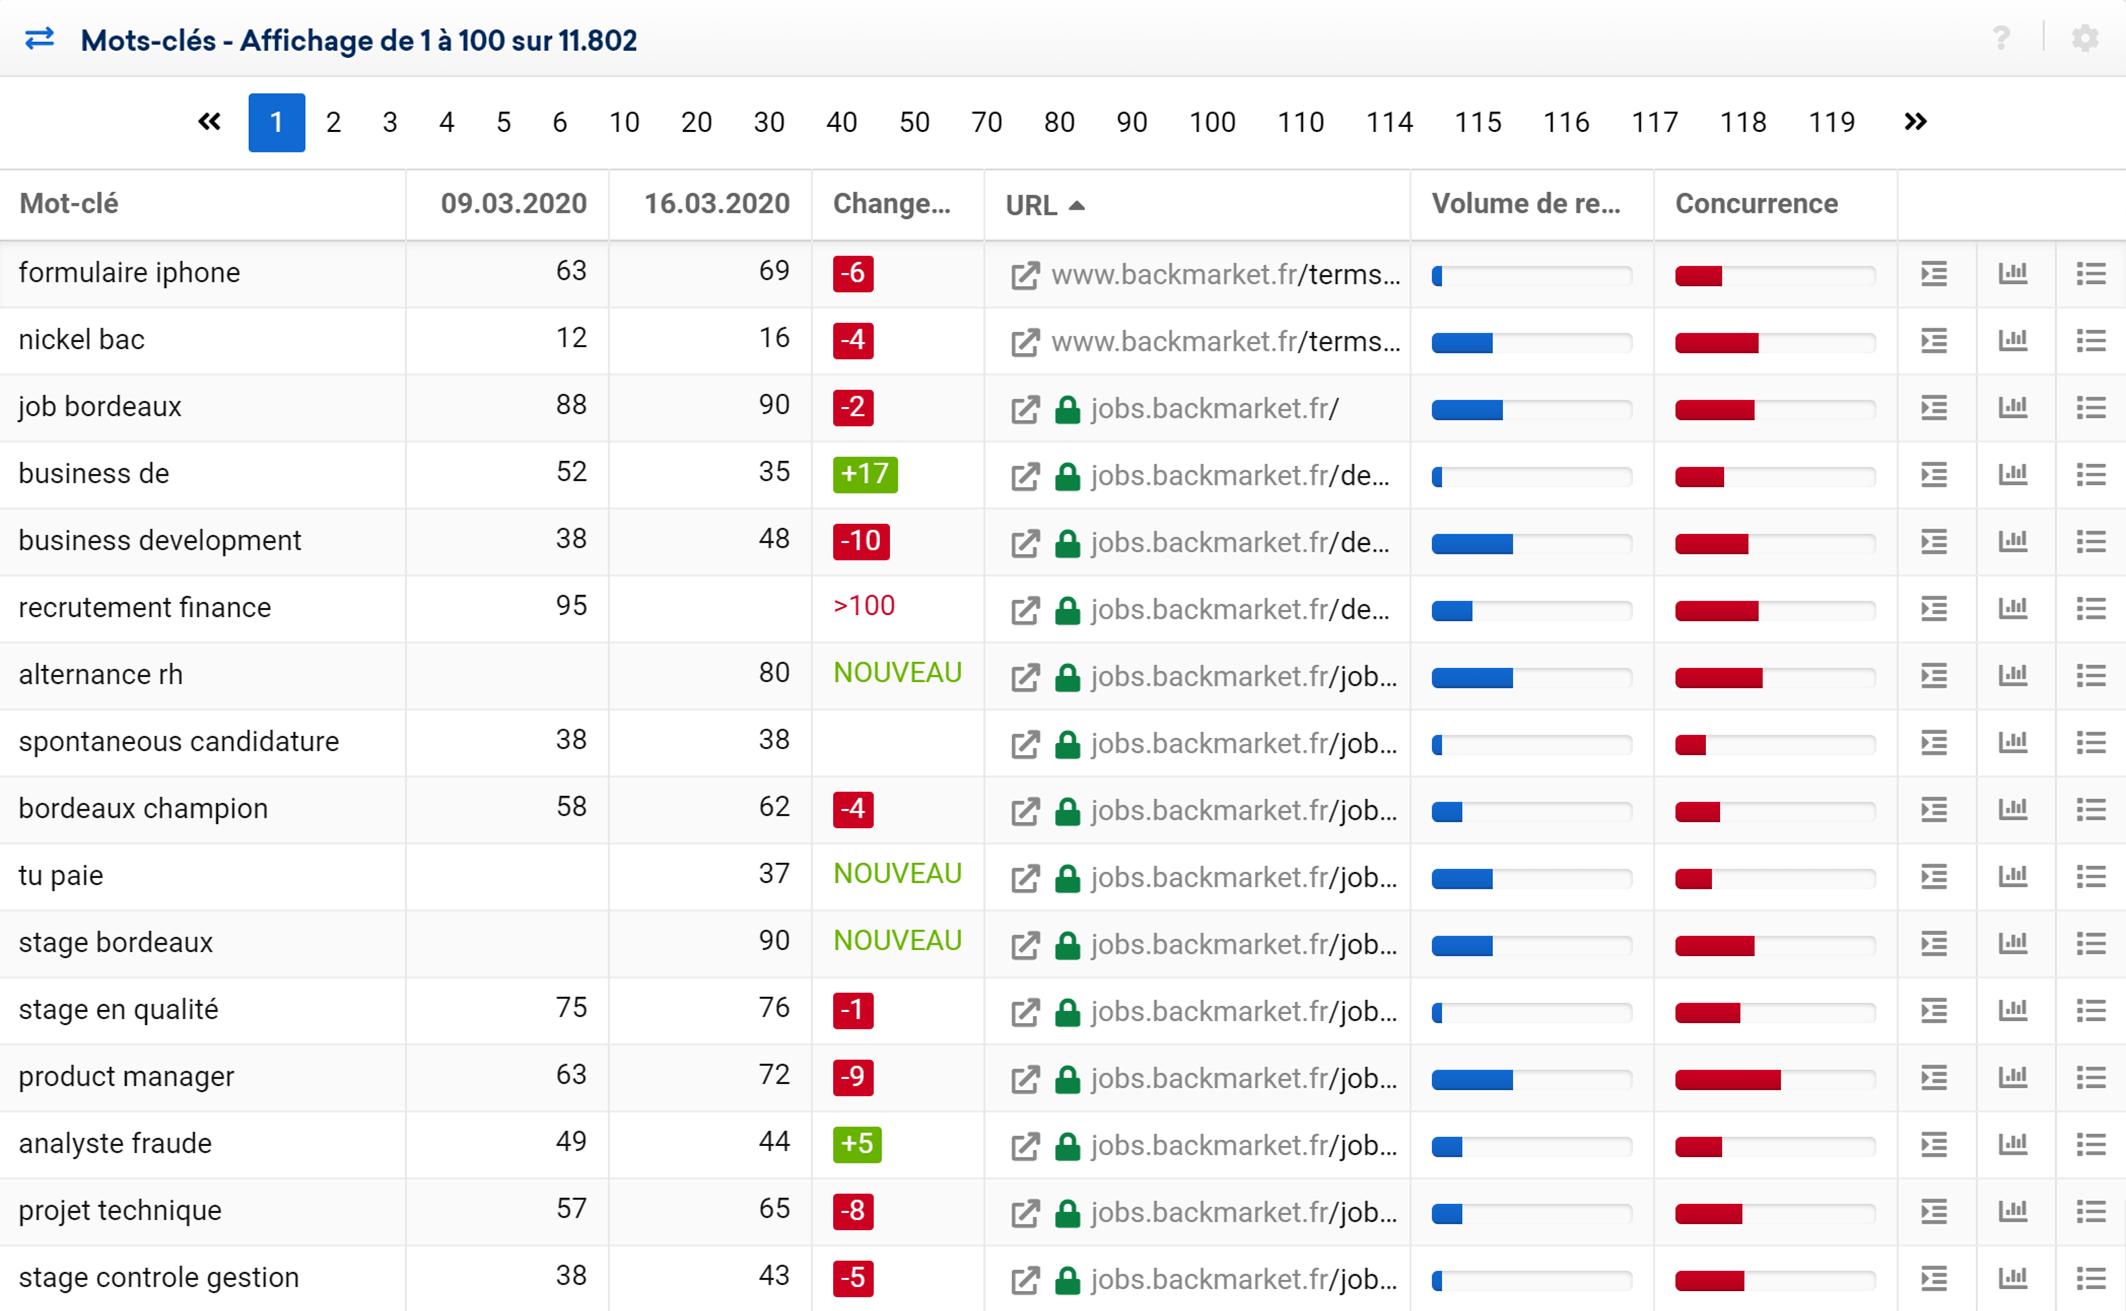 Changement de ranking pour un domaine